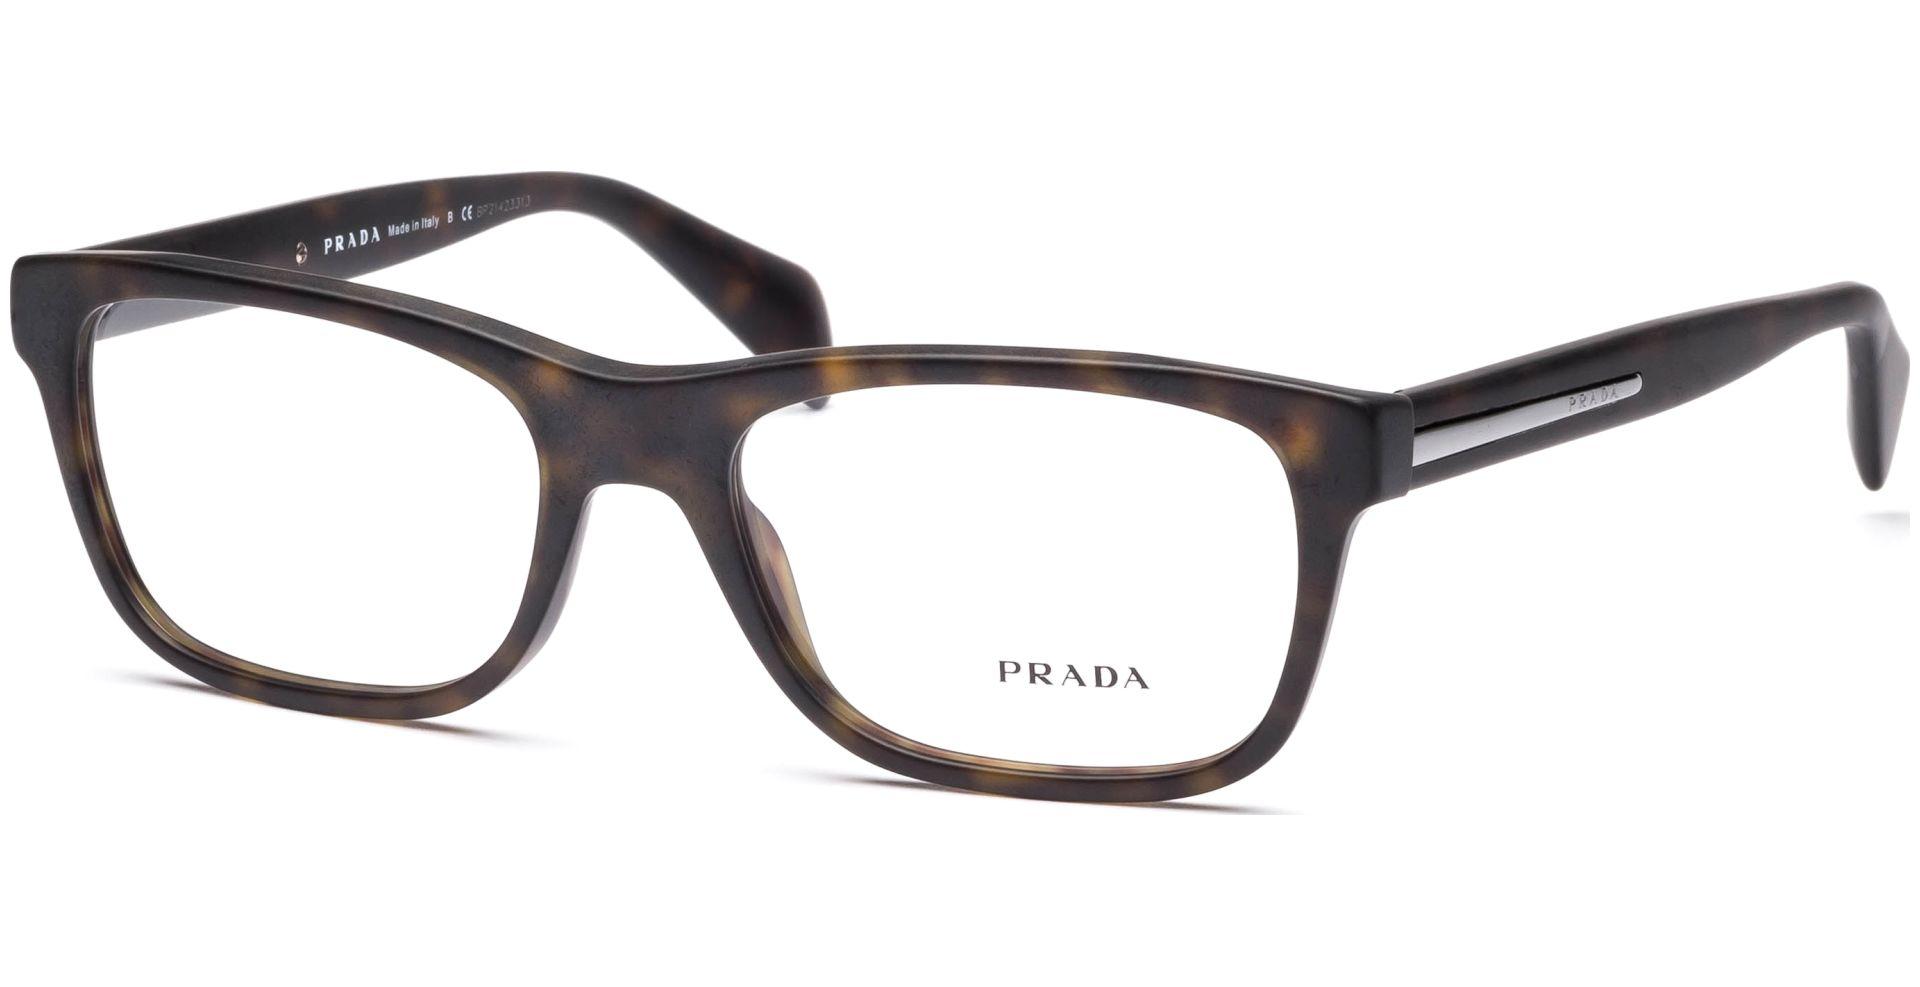 Prada - PR19PV HAQ1O1 5518 Matte Havana - von Lensbest